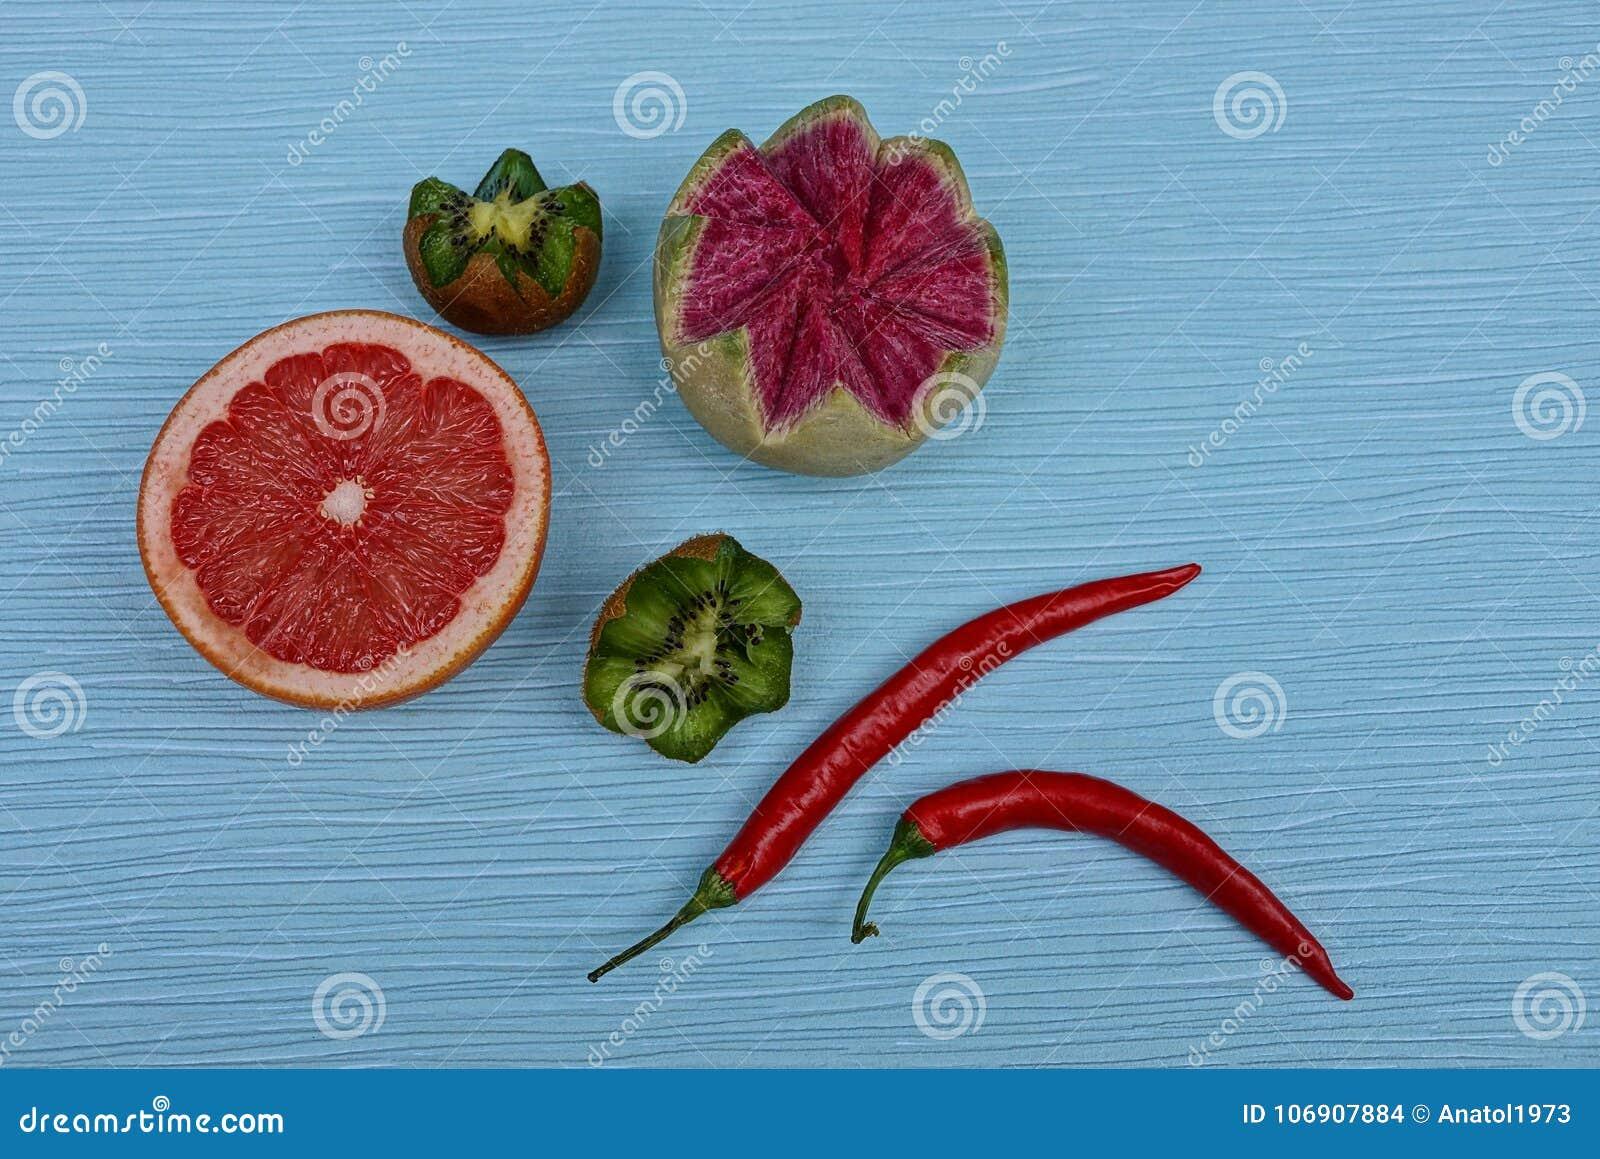 Warzywo i owoc z czerwonym pieprzem na błękitnym stole